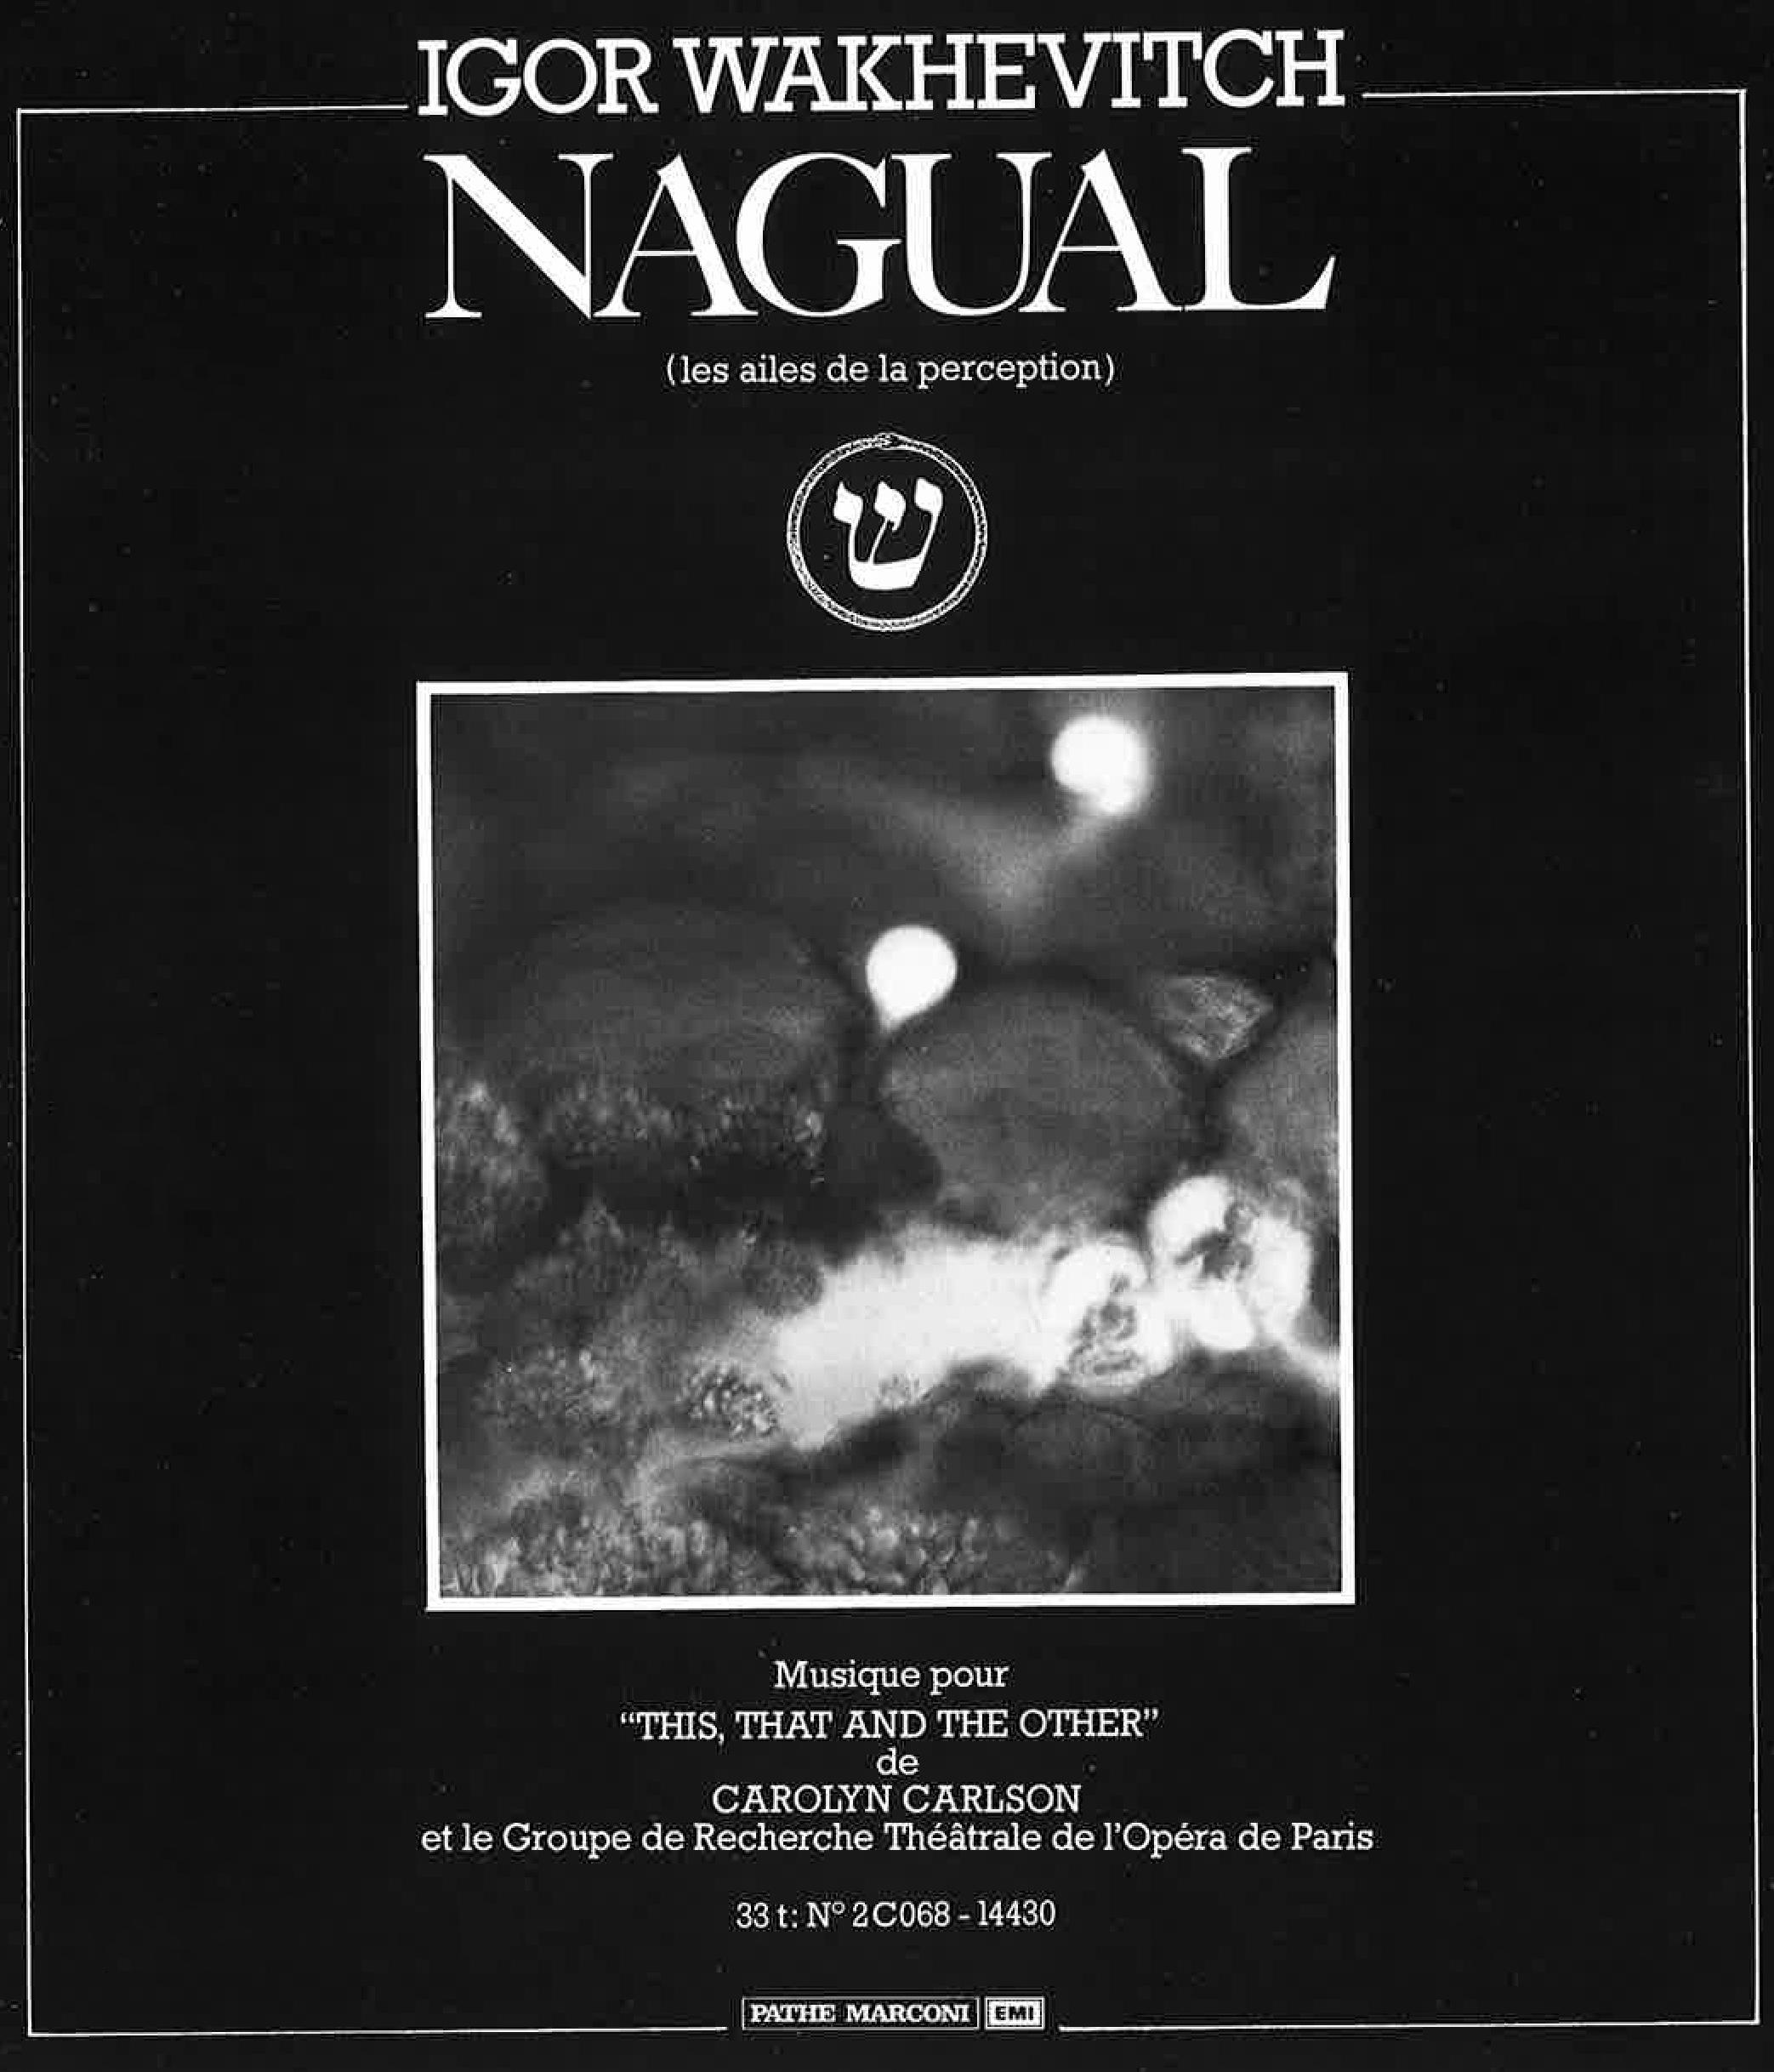 OPERA DE PARIS  PROGRAMME  ENCART NAGUAL ALBUM EMI .jpg